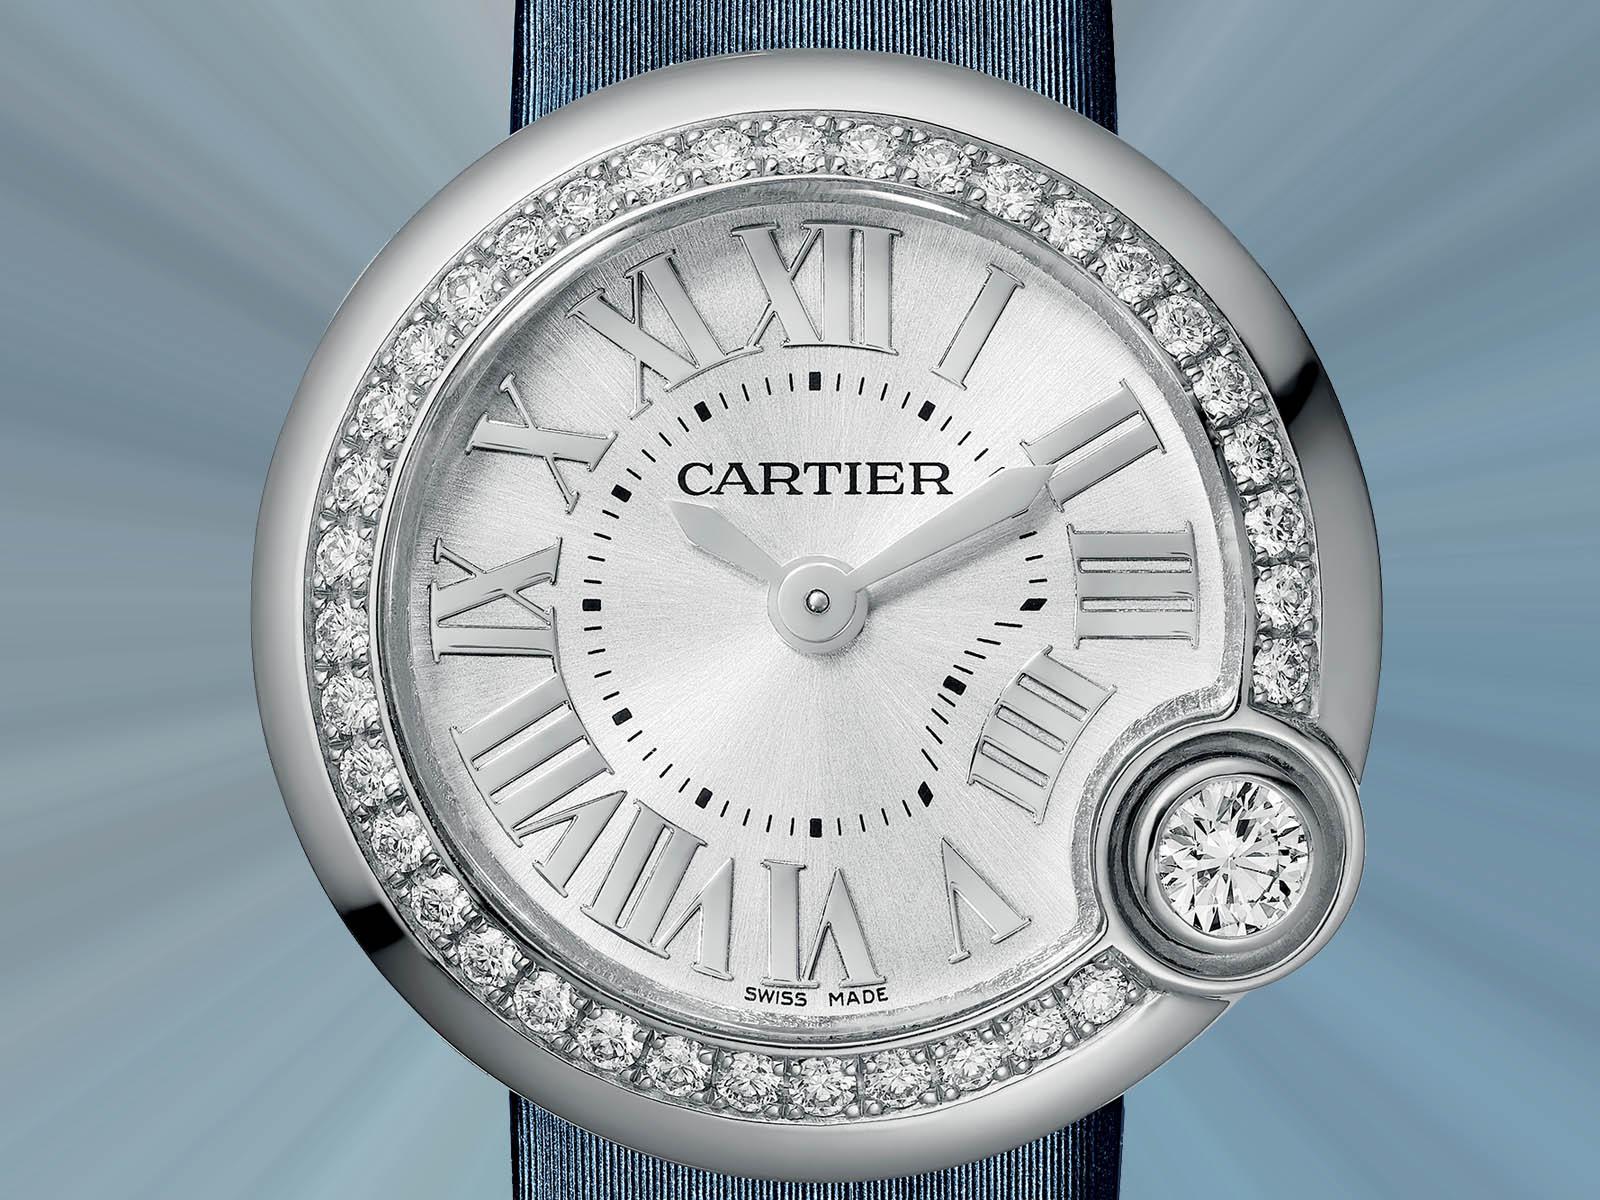 w4bl0002-cartier-ballon-blanc-cartier-watch-2.jpg